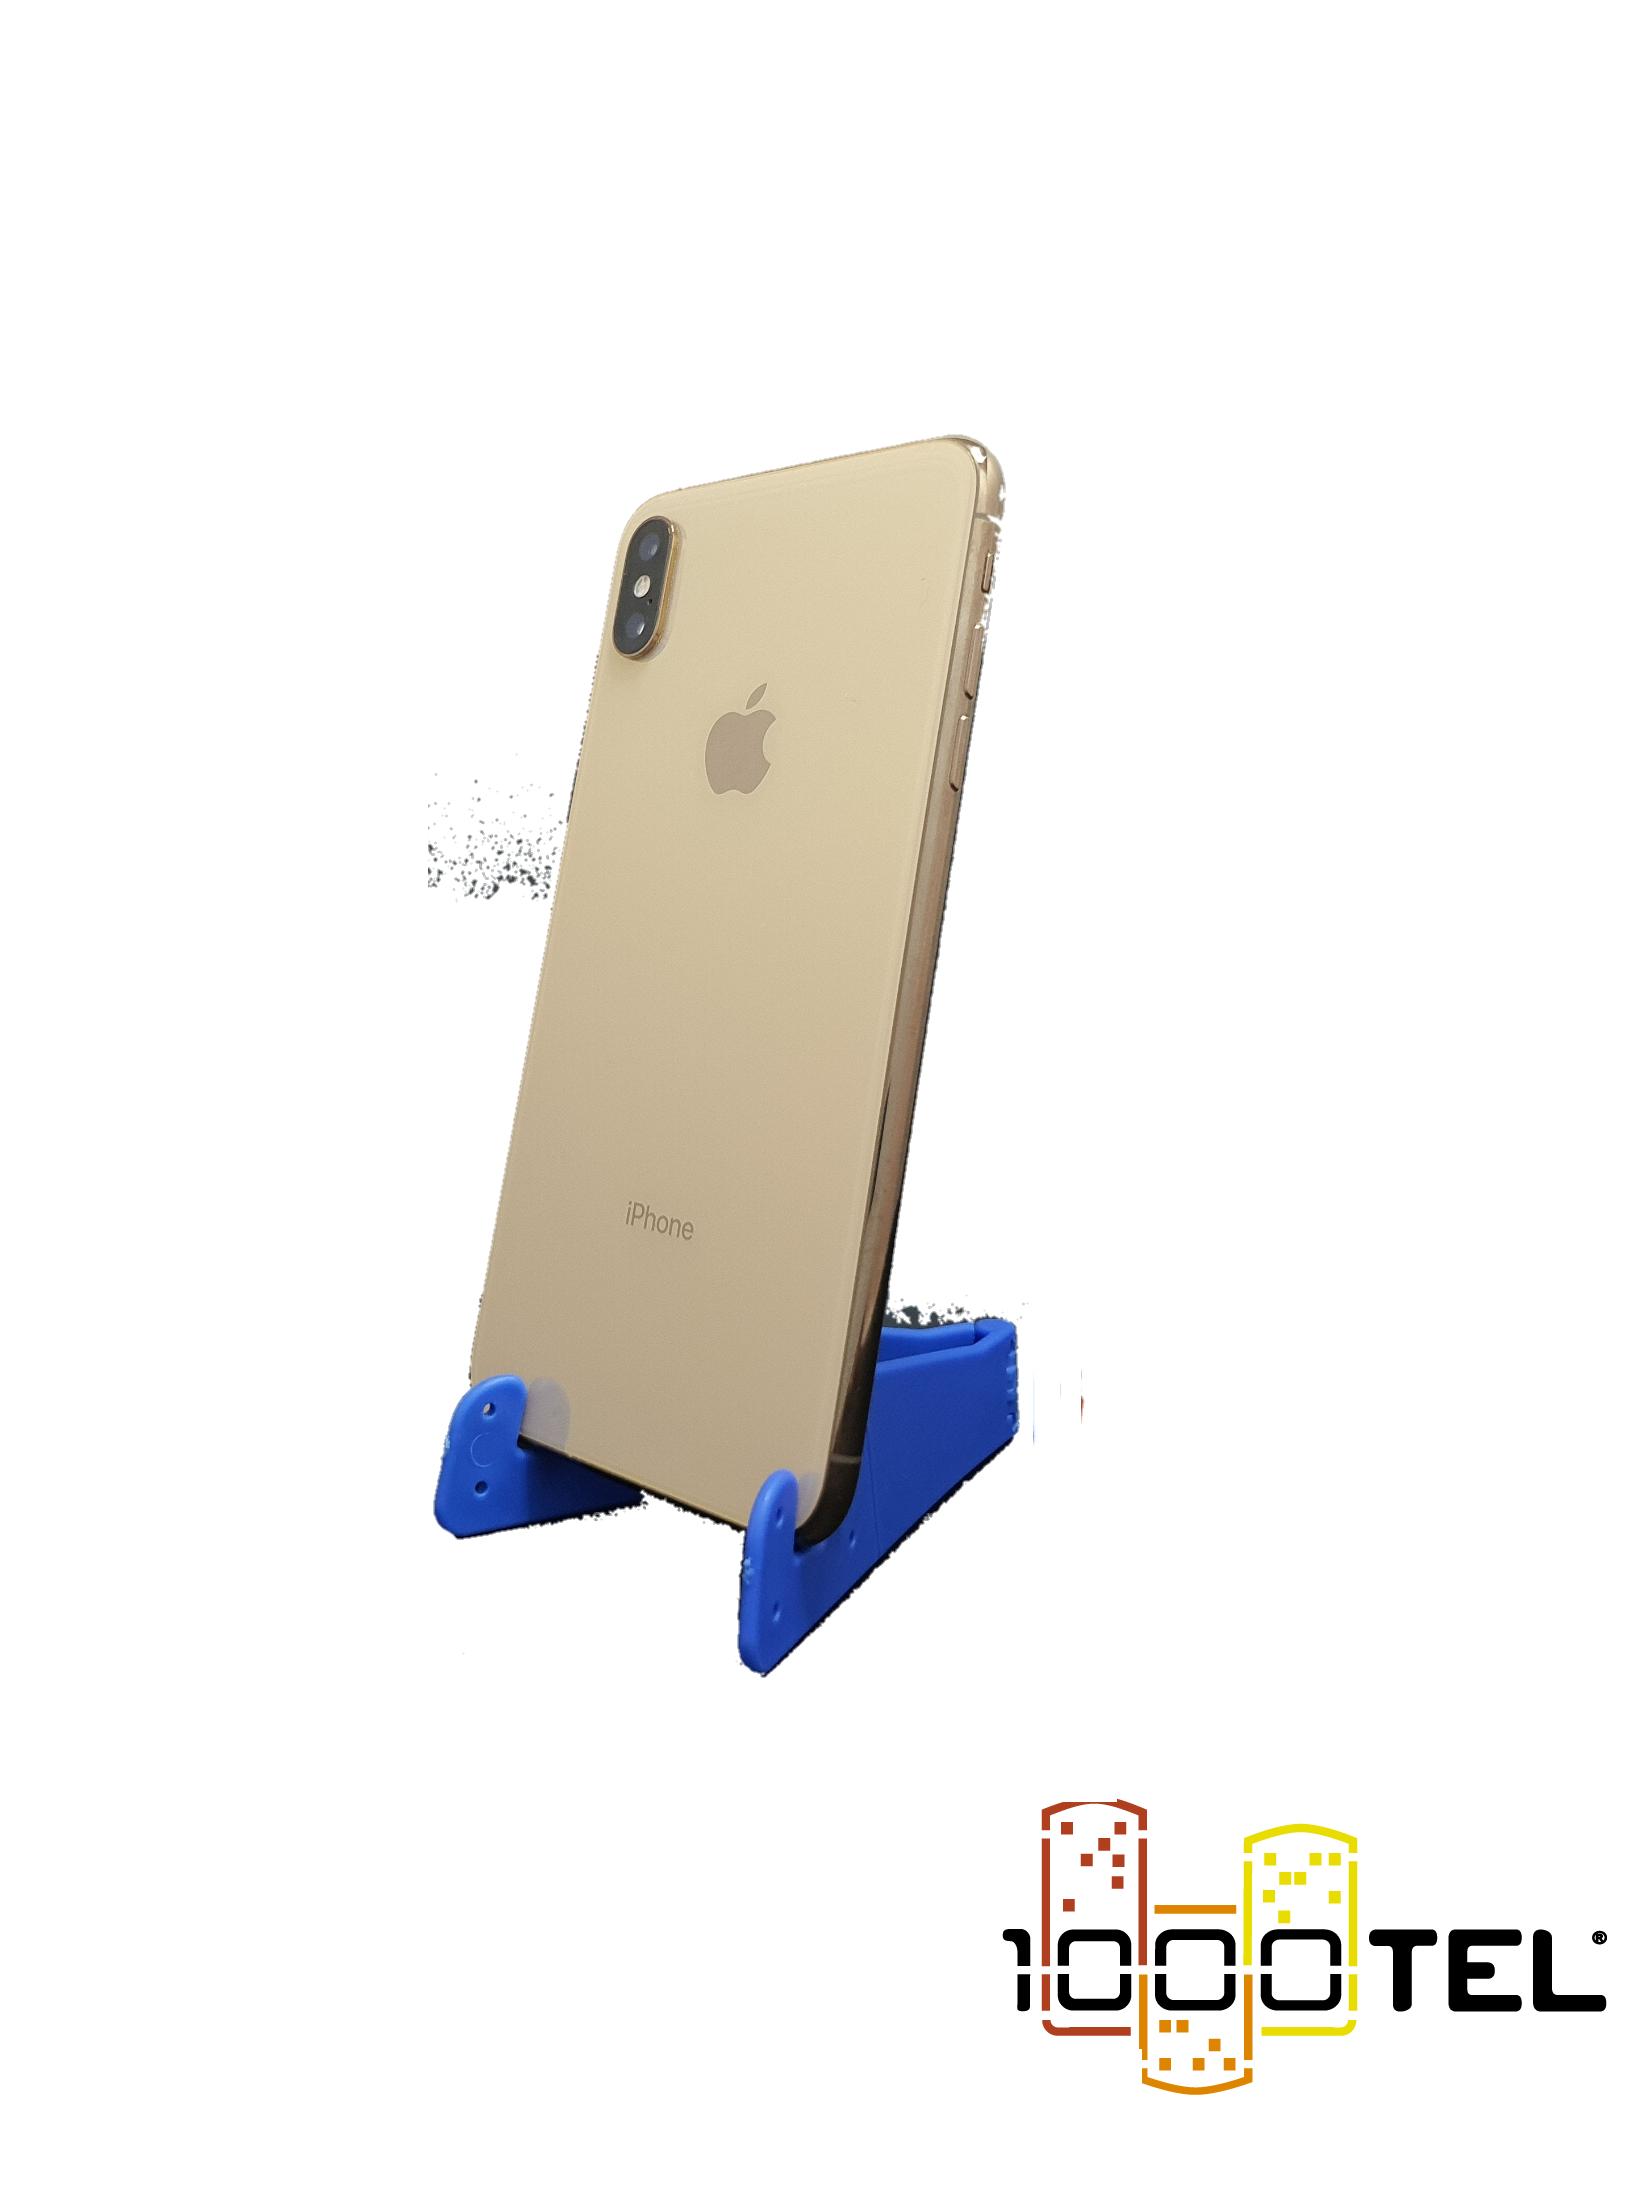 Iphone XS Max 256GB #4